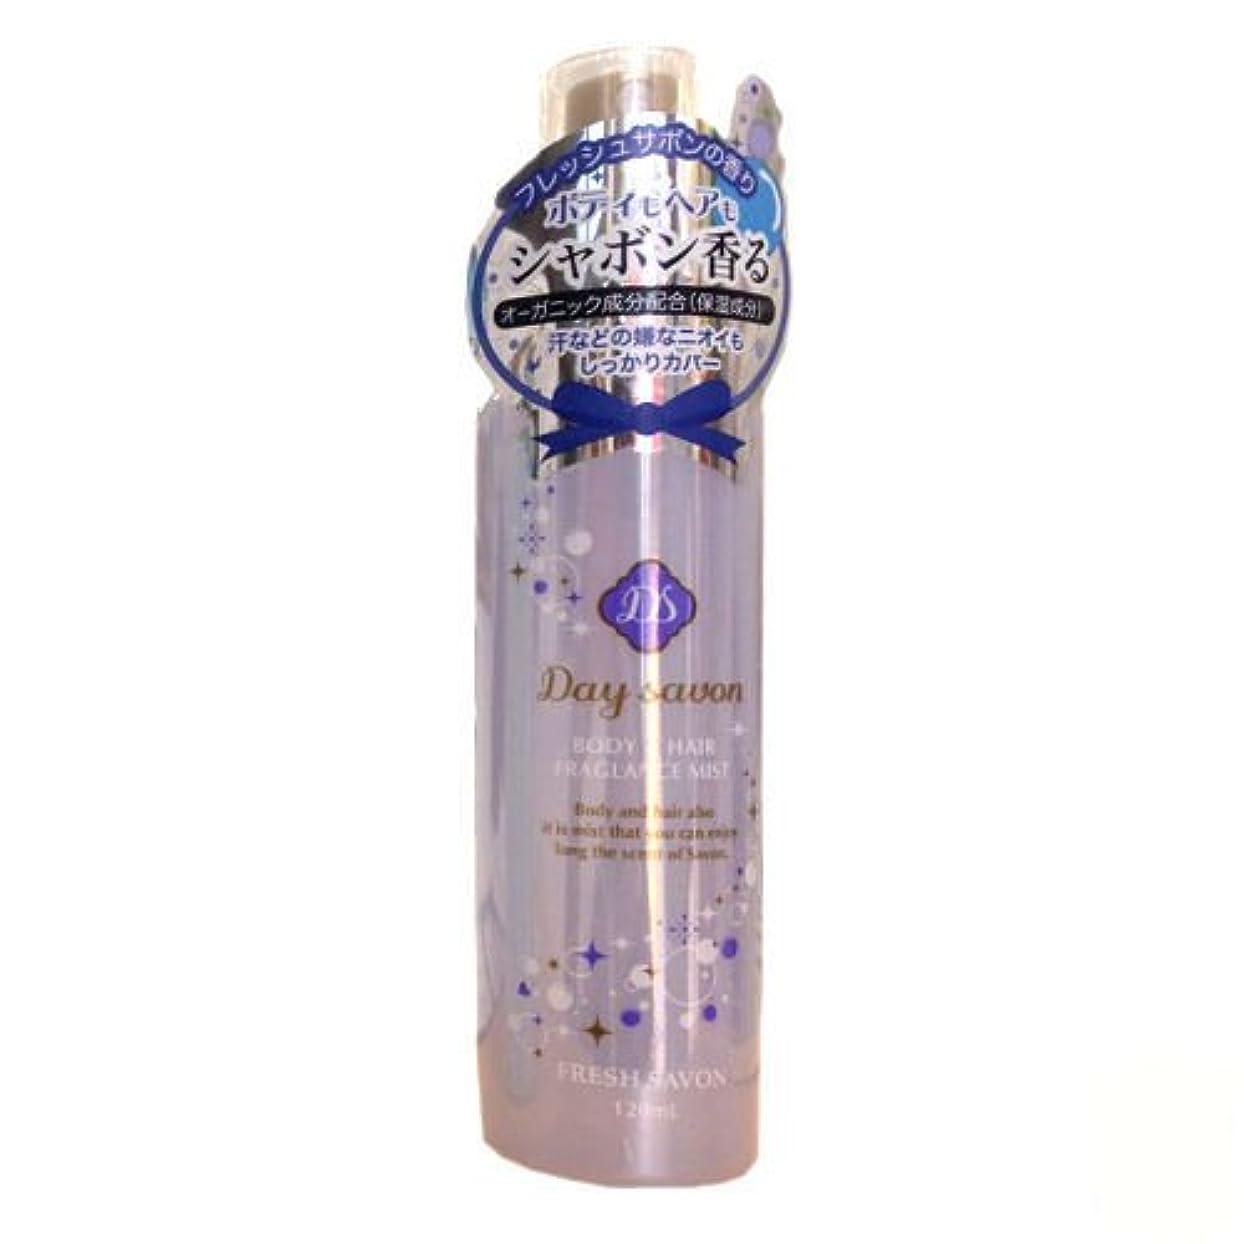 ドライブキャンセルディプロマ富士薬品 デイサボン ボディ&ヘアミスト フレッシュサボン(フレッシュな石鹸の香り)[化粧水] 120mL